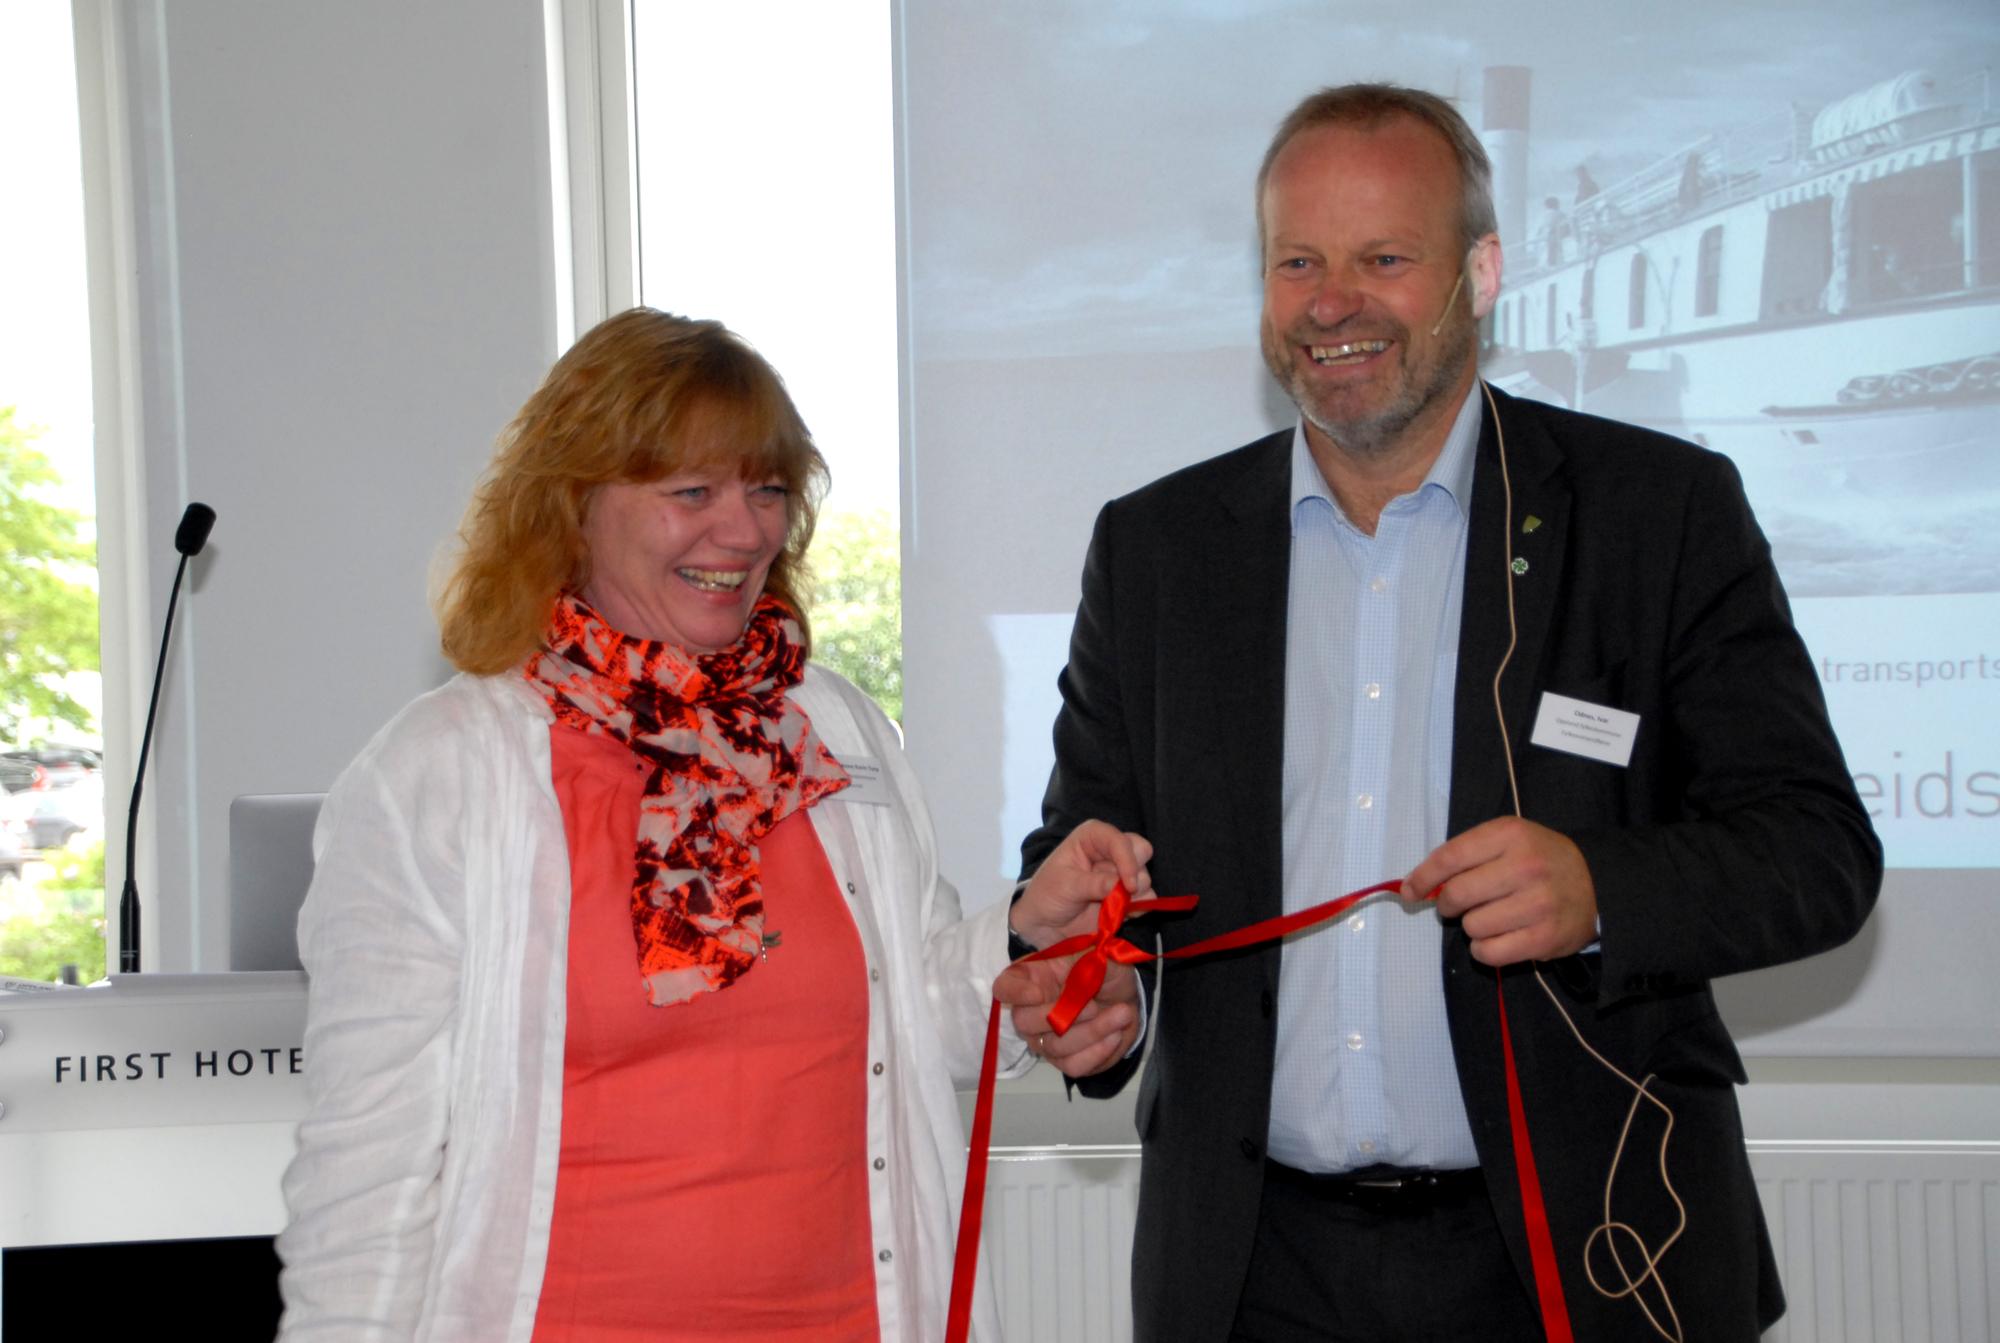 Fylkesråd for samfredsel i Hedmark Anne Karin Torp Adolfsen og fylkesvaraordfører i Oppland Ivar Odnes binder røde bånd for samarbeid